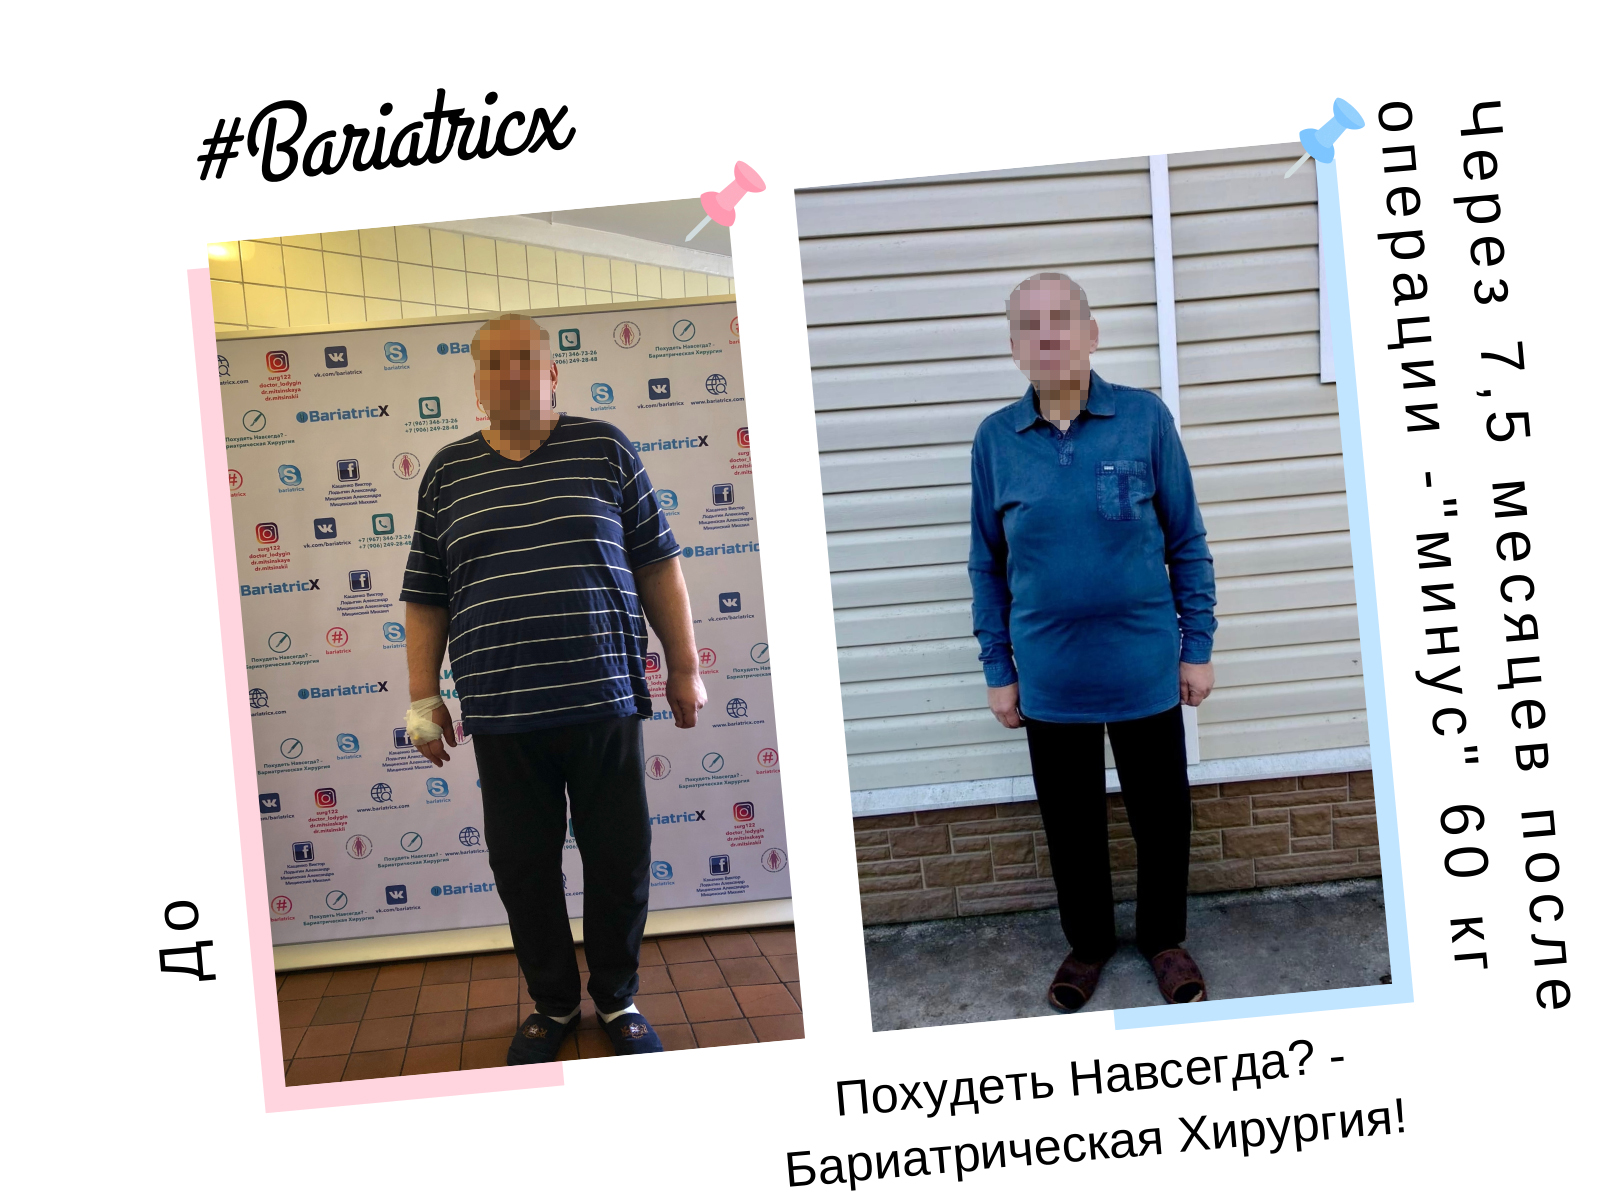 75 Через 75 месяцев 3 (Рост 186см вес 116кг ИМТ 33) минус 60кг (Пиксель)